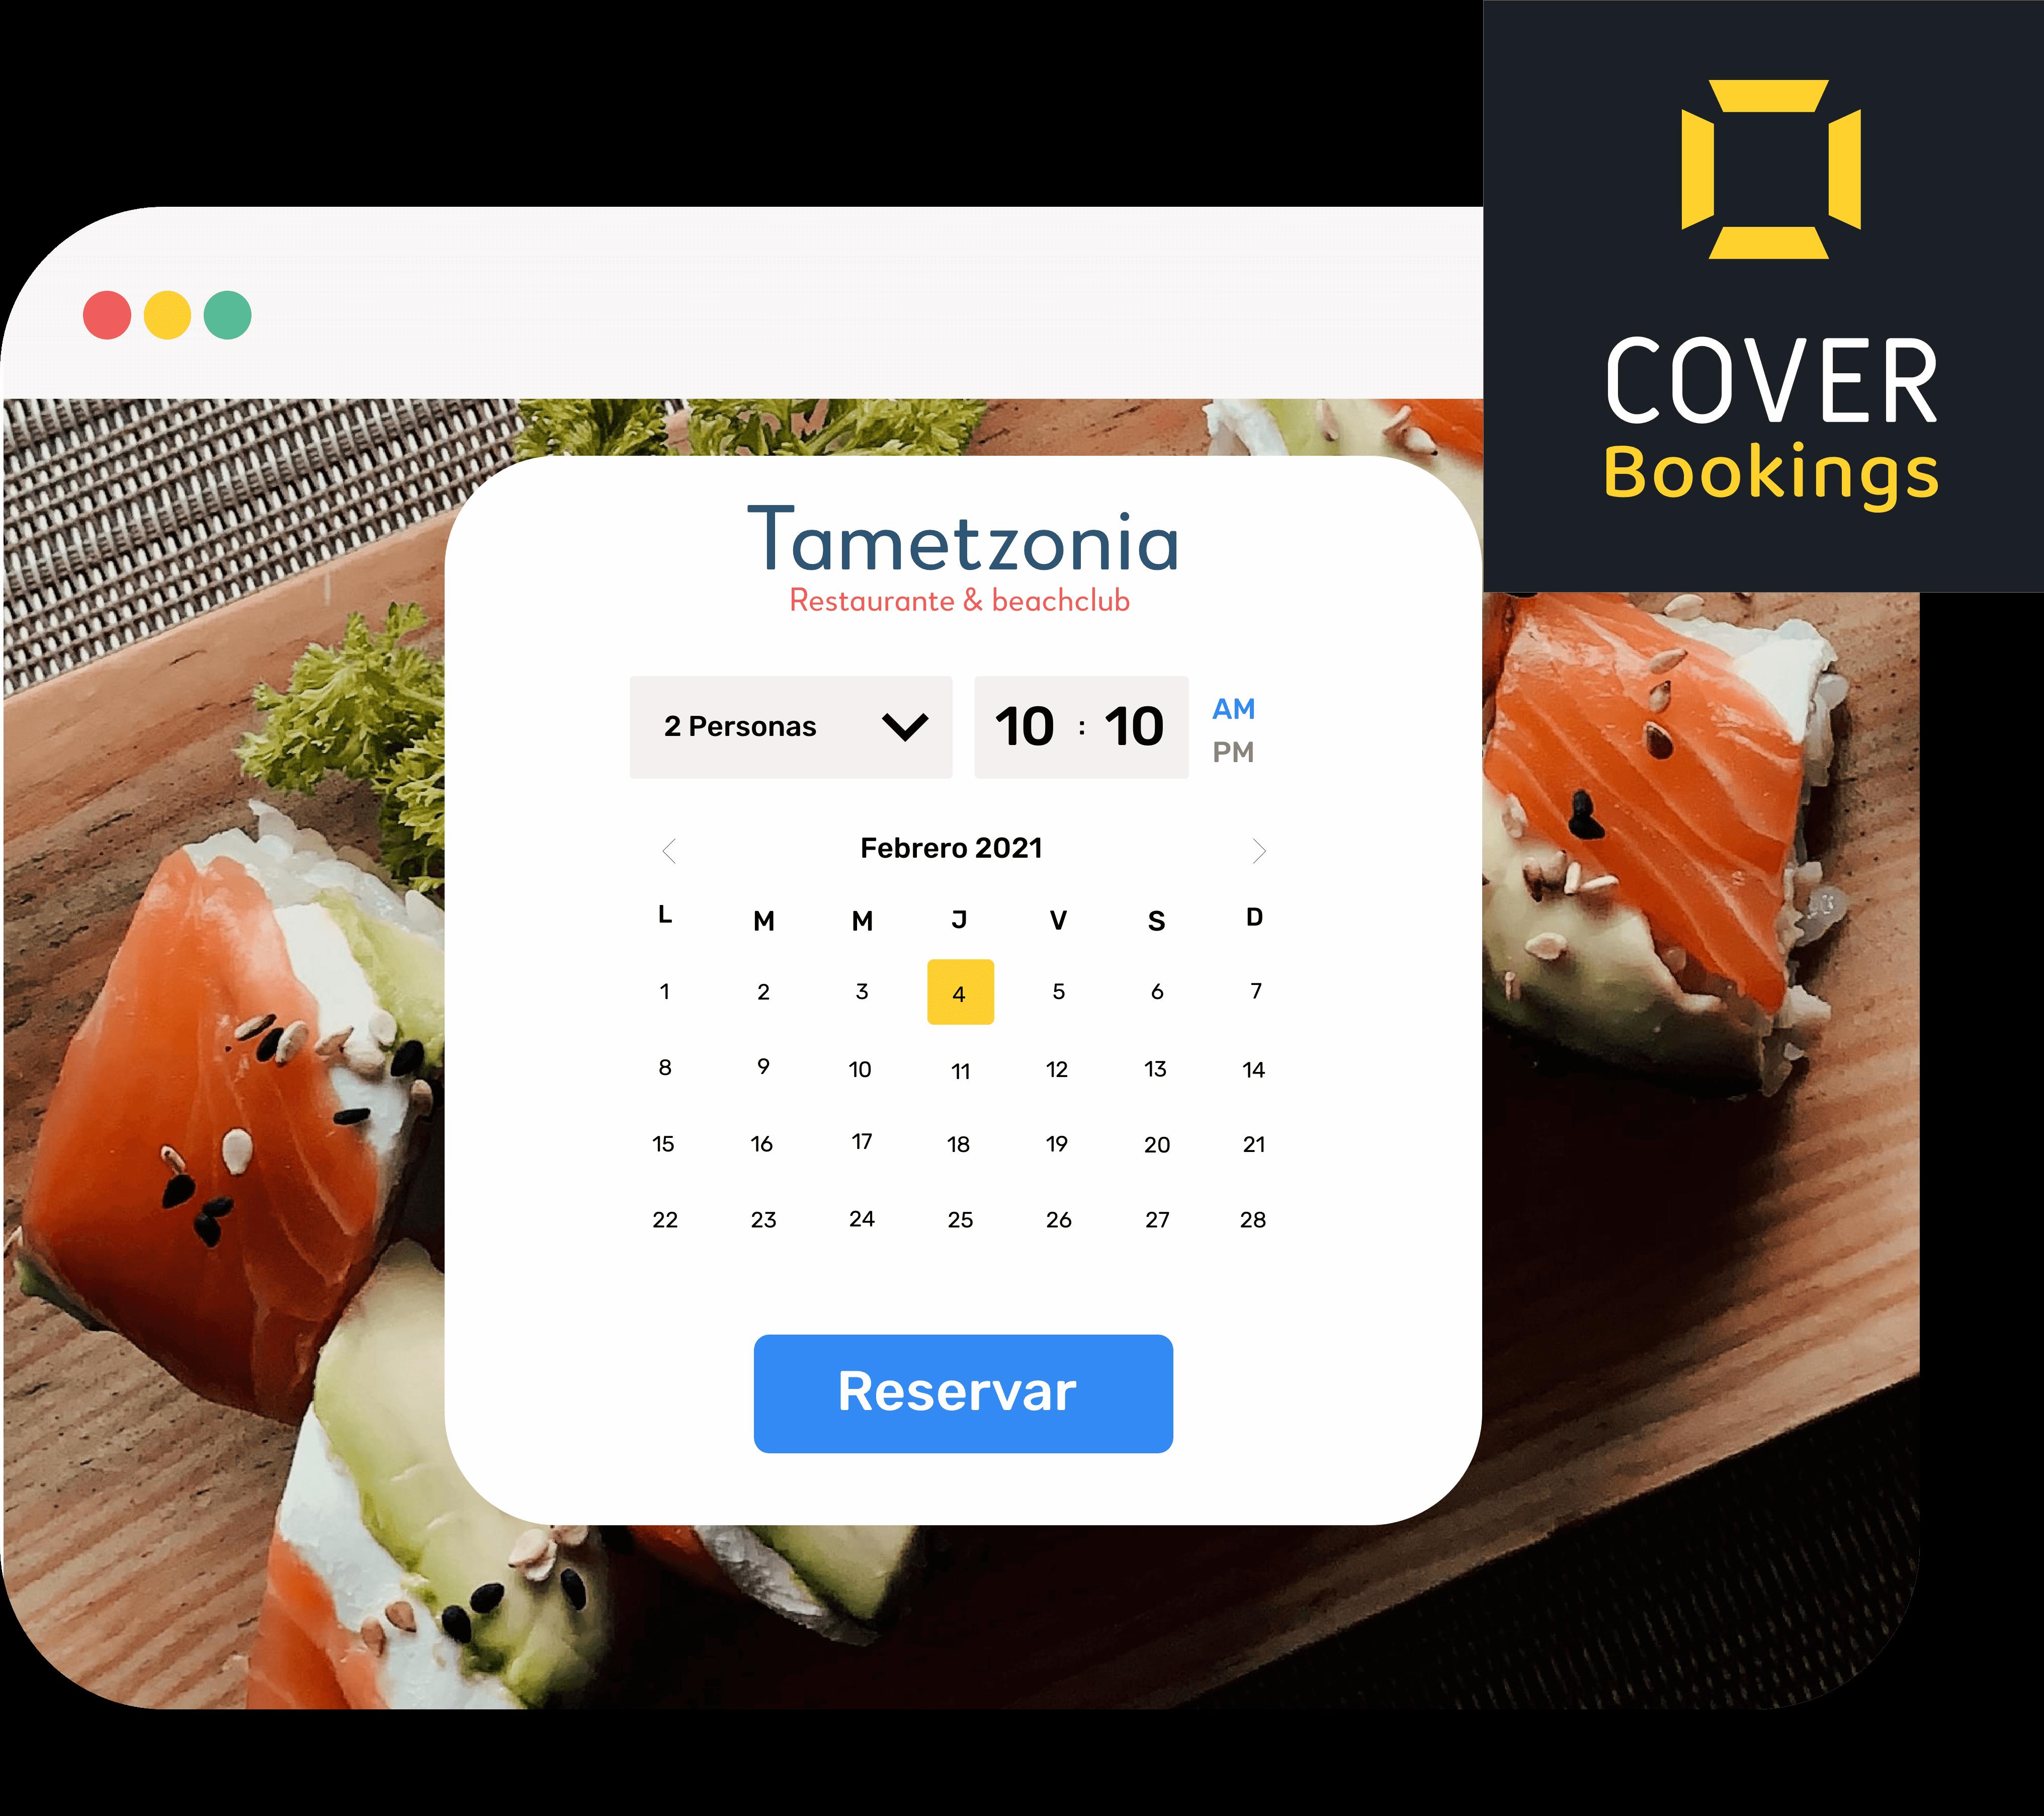 Ejemplo de un motor de reservas en el sitio web del restaurante, es decir en canal propio, donde el cliente puede hacer una reserva indicando fecha, hora y número de comensales.